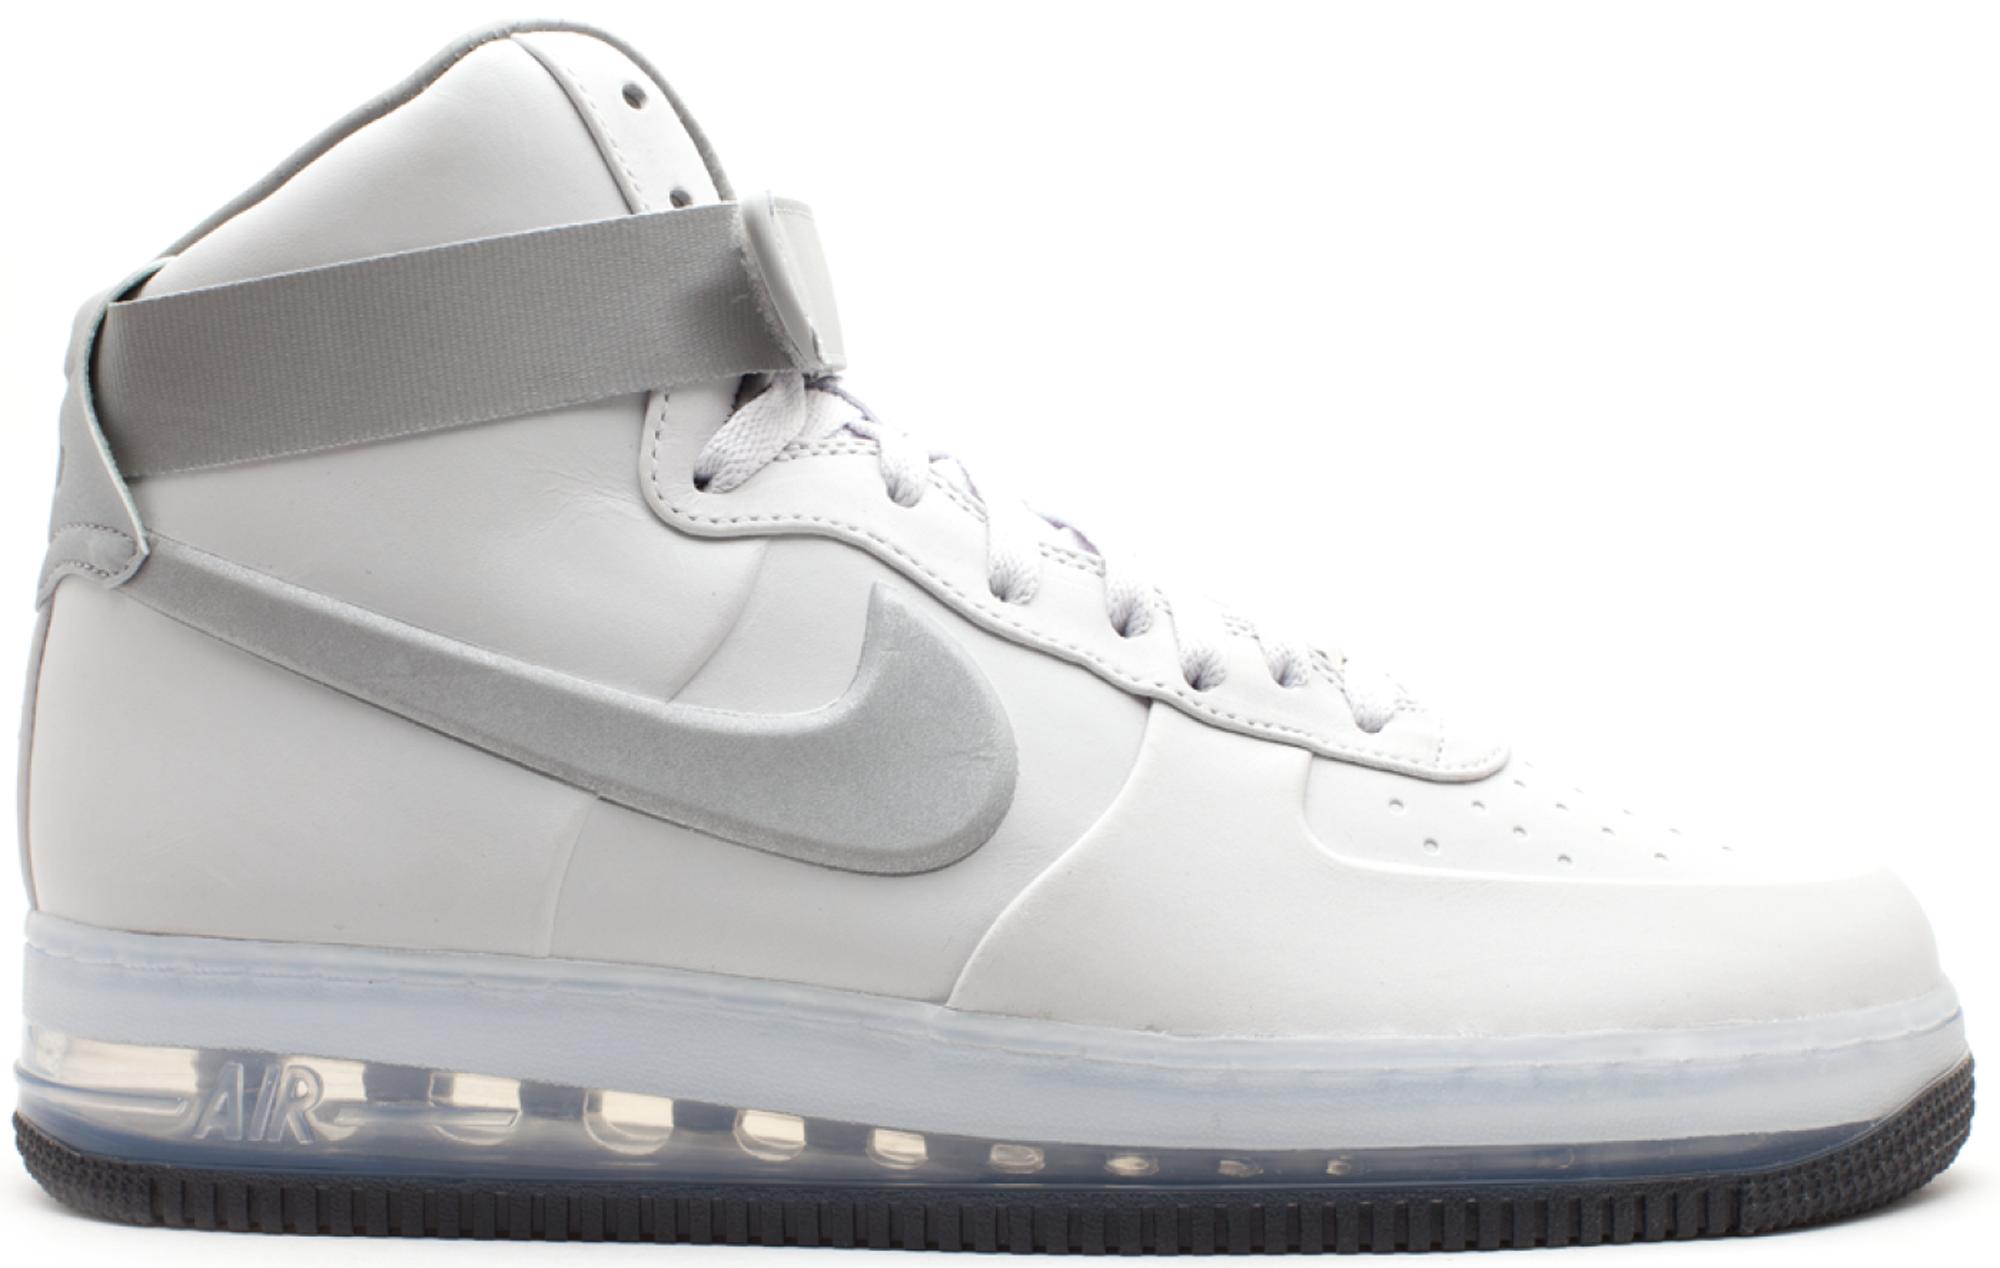 Nike Air Force 1 Lux Max Air Pearl